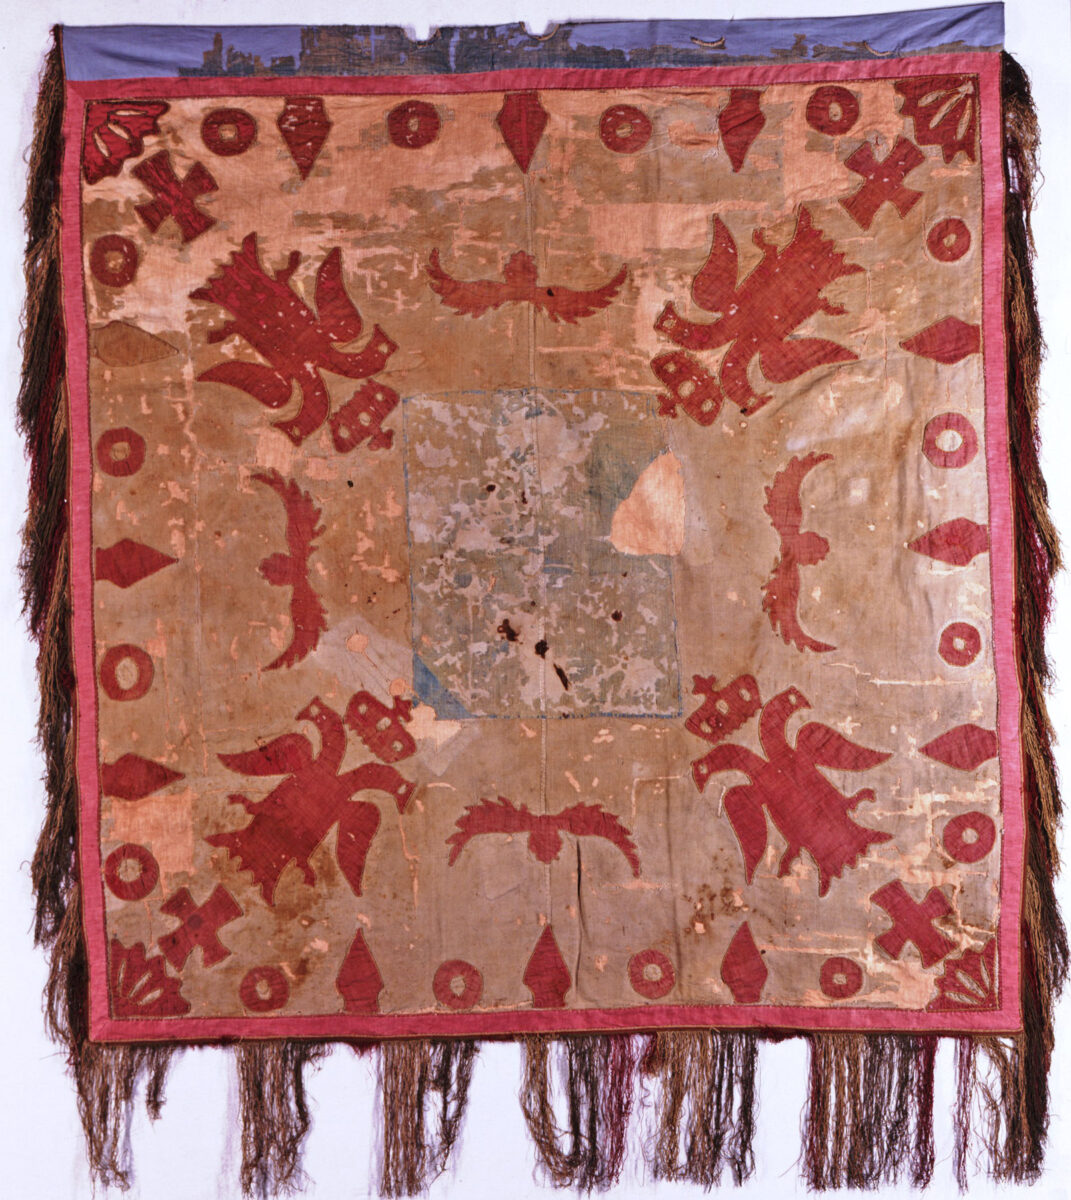 Σημαία Ηπειρωτών που υψώθηκε στον Αγώνα του 1821. Βαμβακερό υφαντό (ΕΙΜ 2744). Φέρει σύμβολα της Βυζαντινής Αυτοκρατορίας: πορφυροί εστεμμένοι αετοί, δικέφαλοι, σταυροί. Στο κέντρο, φθαρμένος πια, δεσπόζει γαλάζιος σταυρός σε λευκό πλαίσιο. © ΙΕΕΕ-ΕΙΜ.